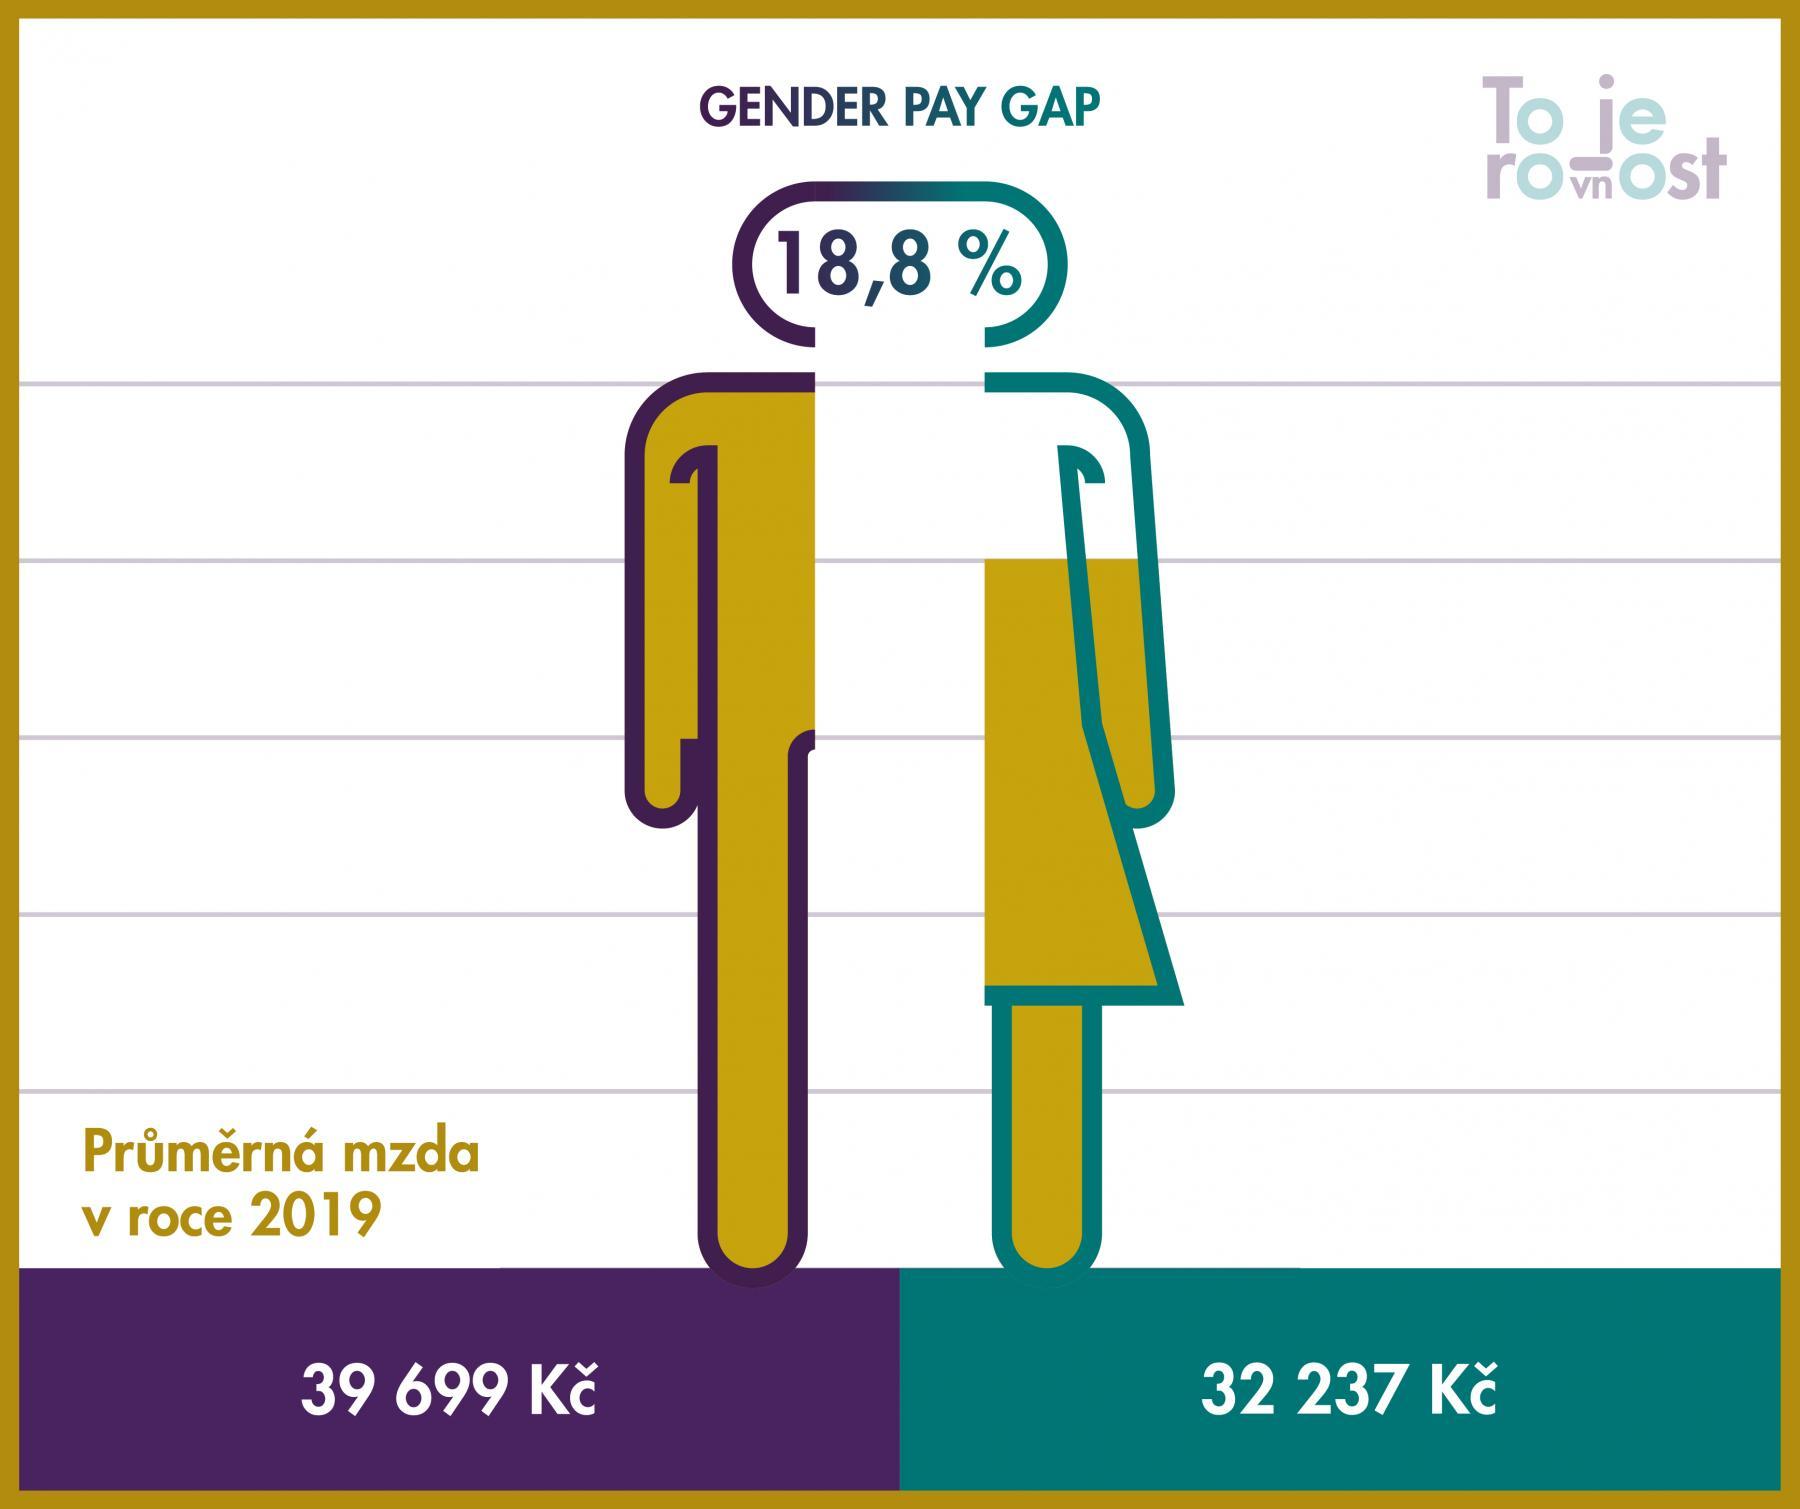 Výstupy workshopu: Jak na gedner pay gap ve firmách pomoci transparentnosti.